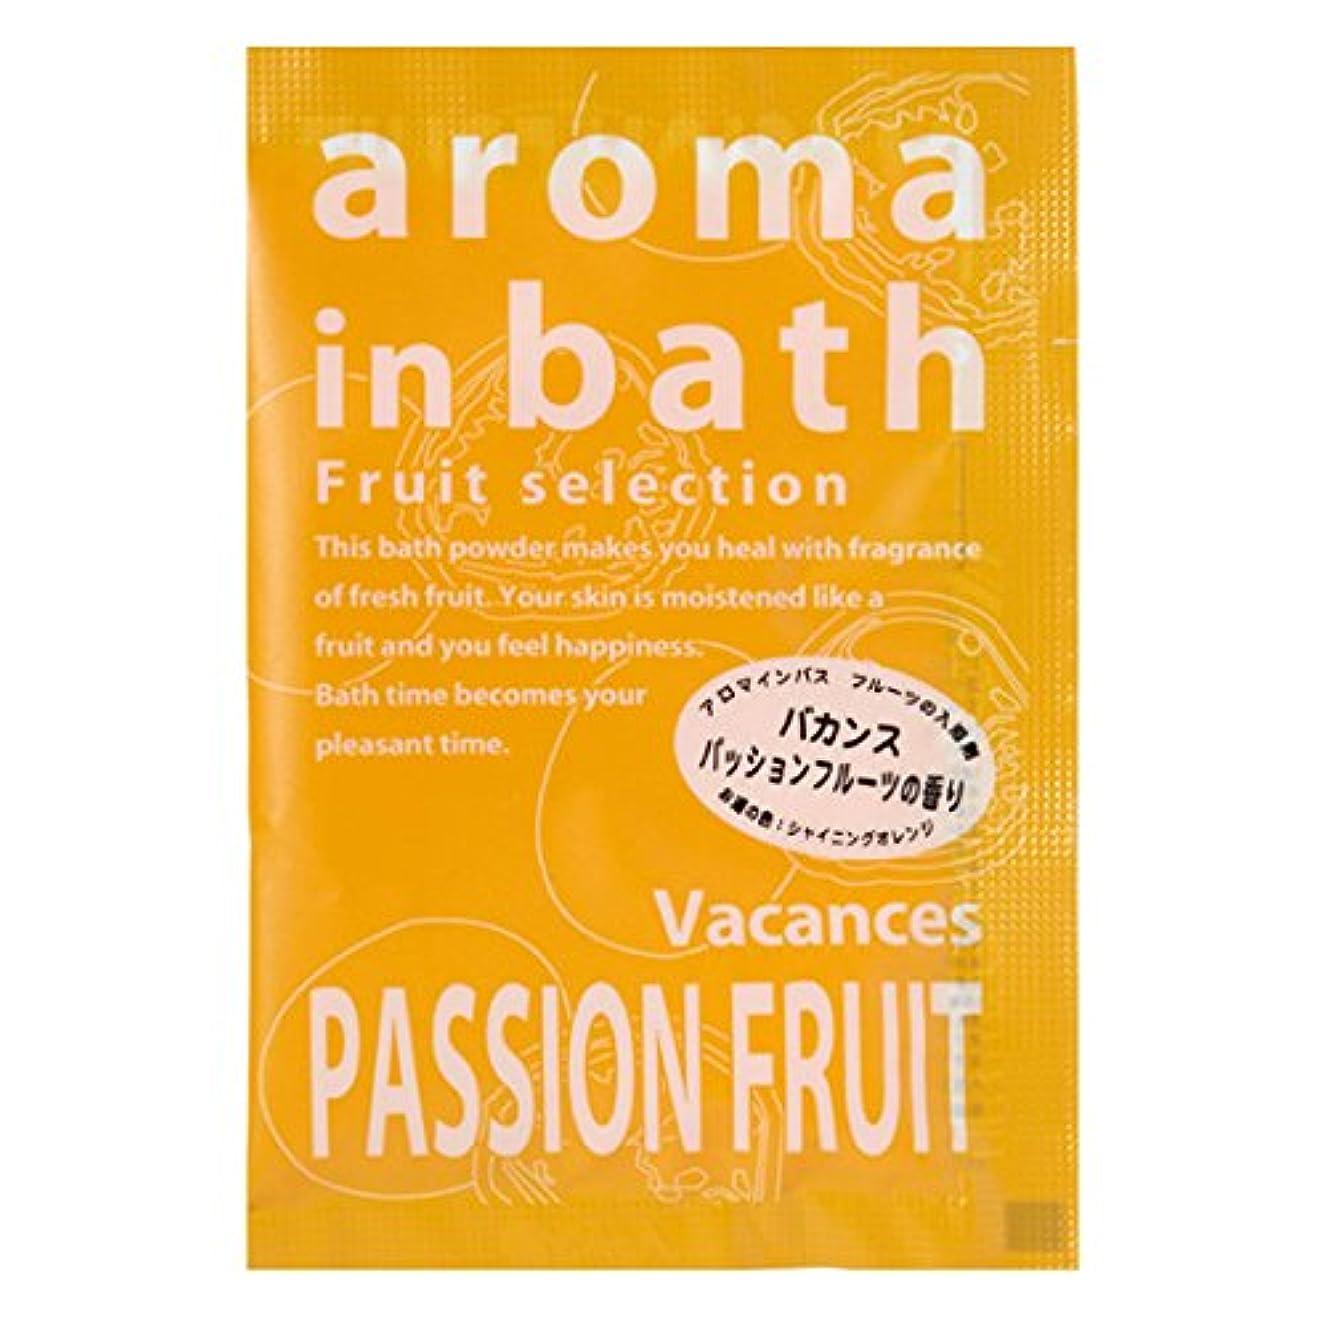 自然ラビリンス立法アロマインバス25g バカンスパッションフルーツの香り